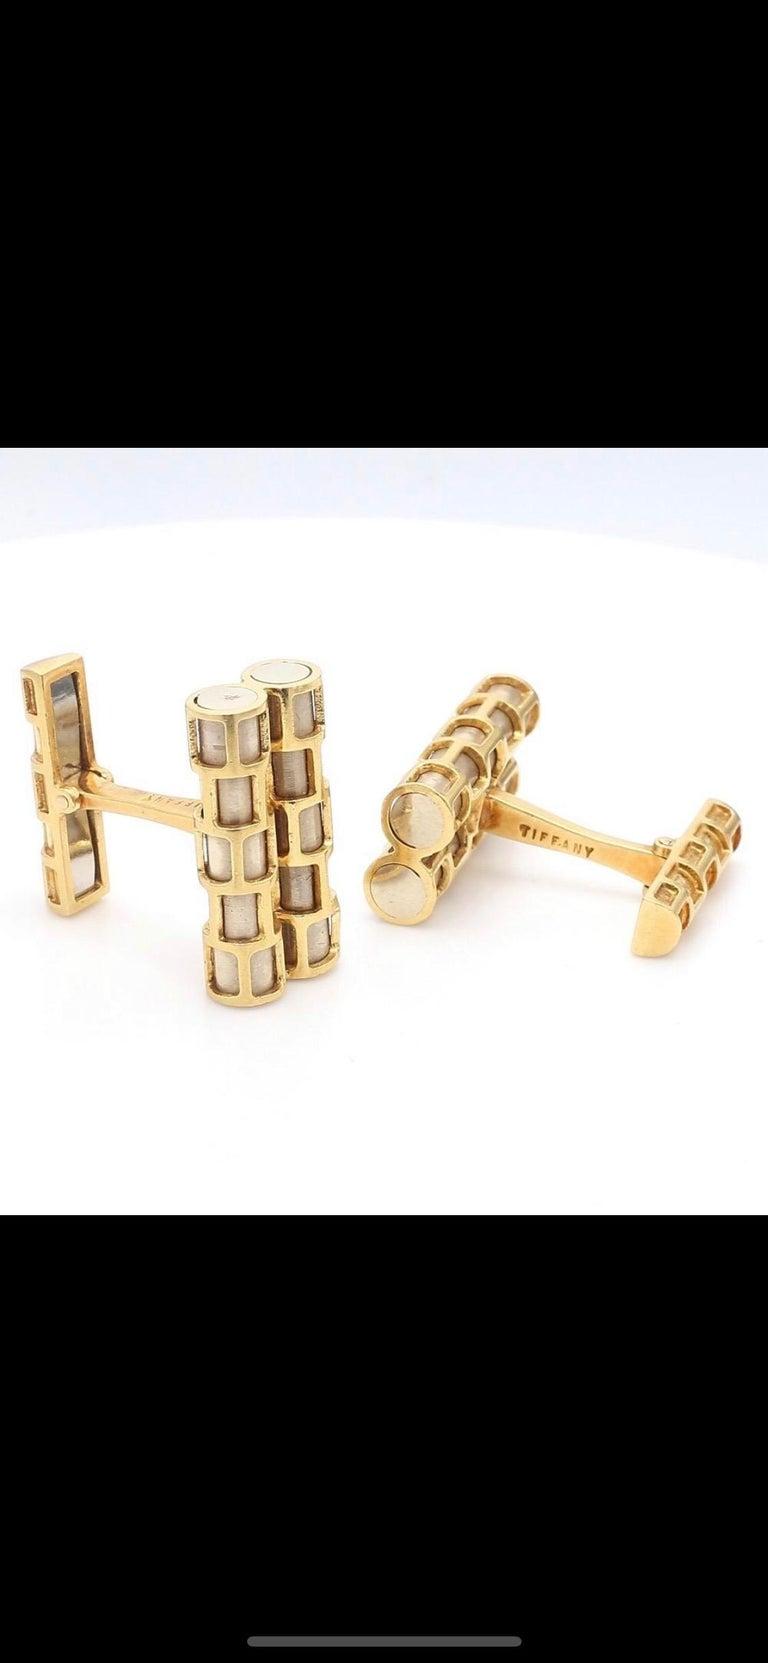 Women's Tiffany & Co. 18 Karat Gold Cuflinks For Sale